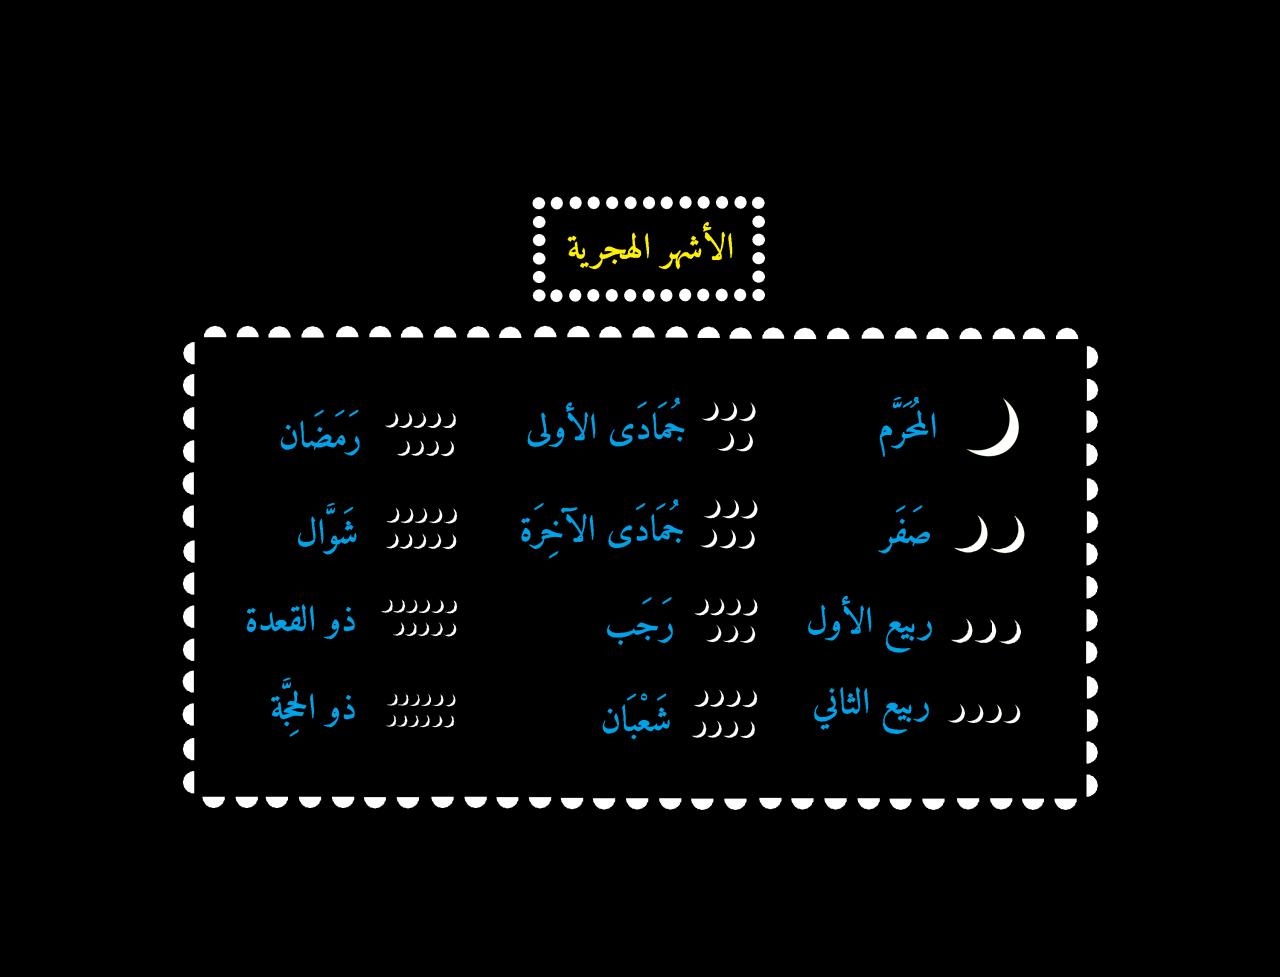 صورة ترتيب الاشهر القمرية , اسماء الاشهر الهجرية بالترتيب